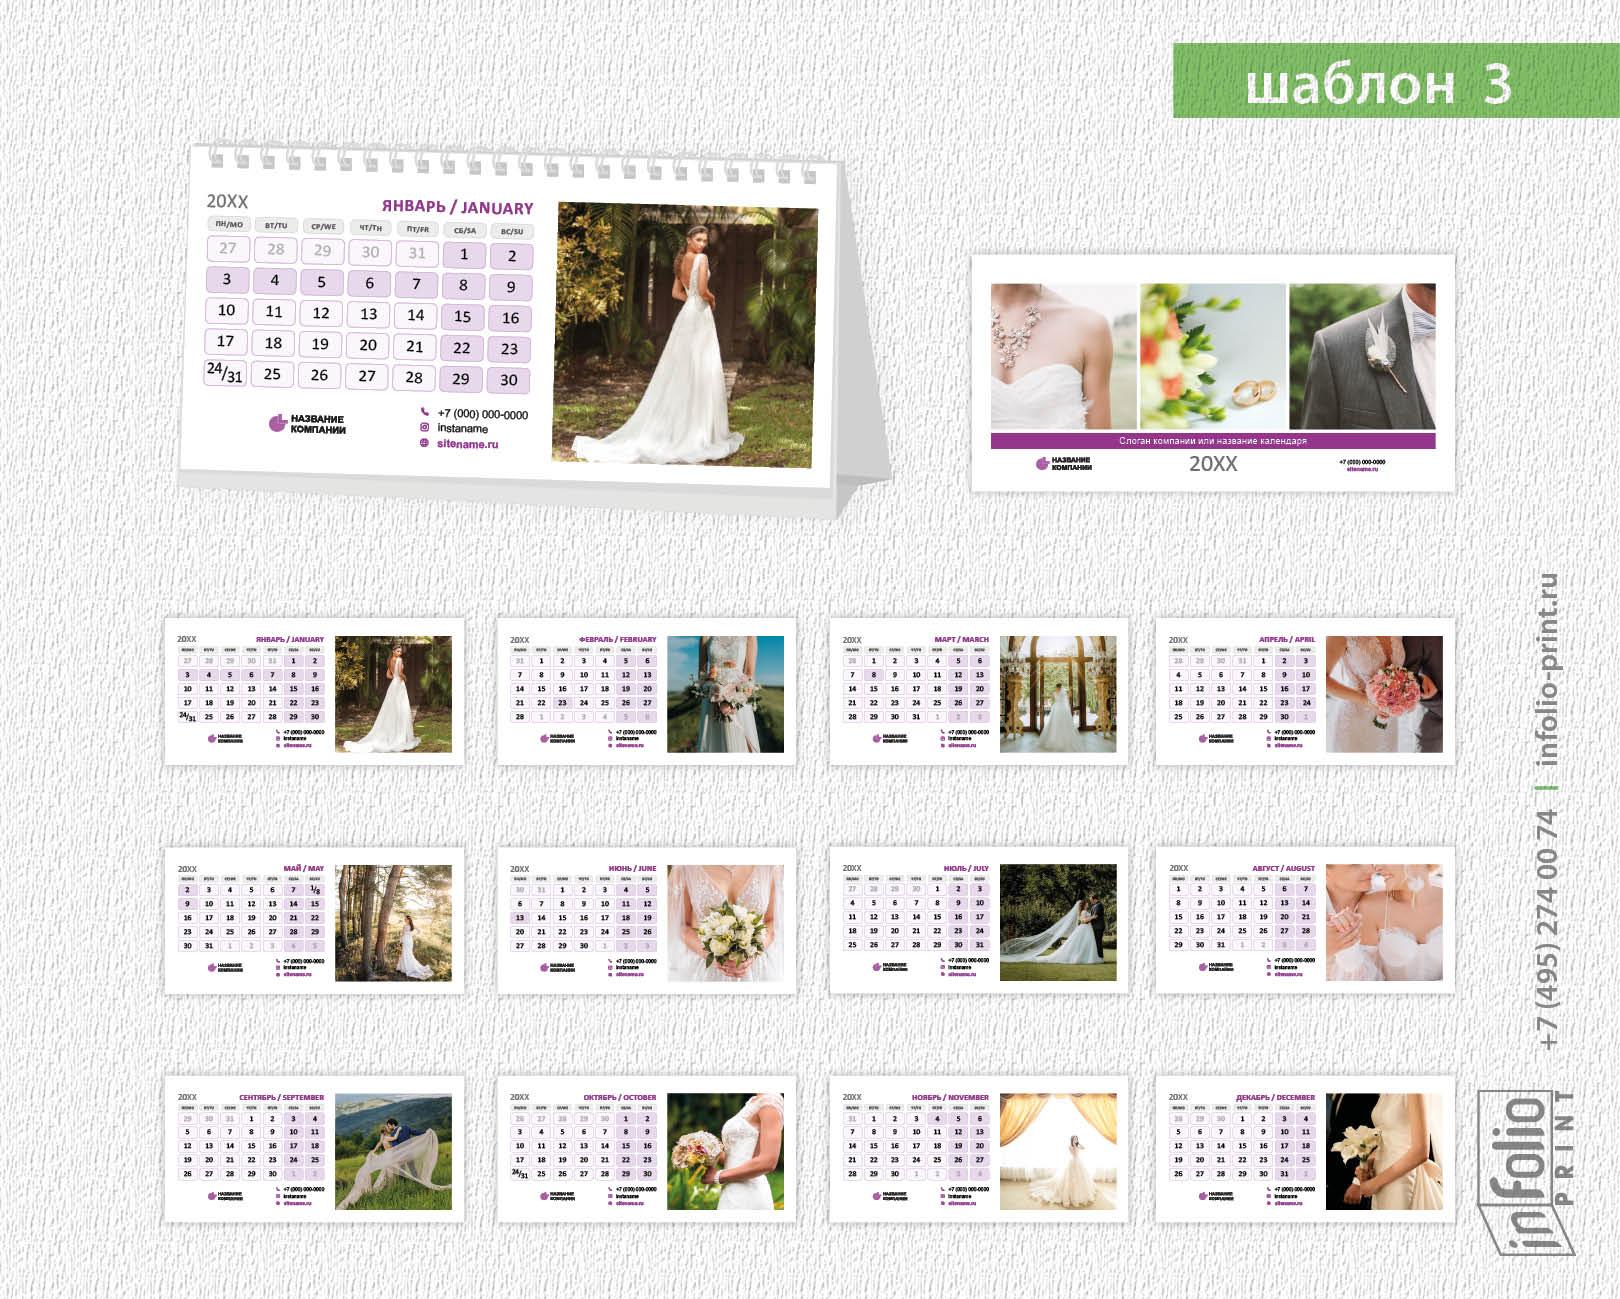 Шаблон настольконо перекидного календаря 3